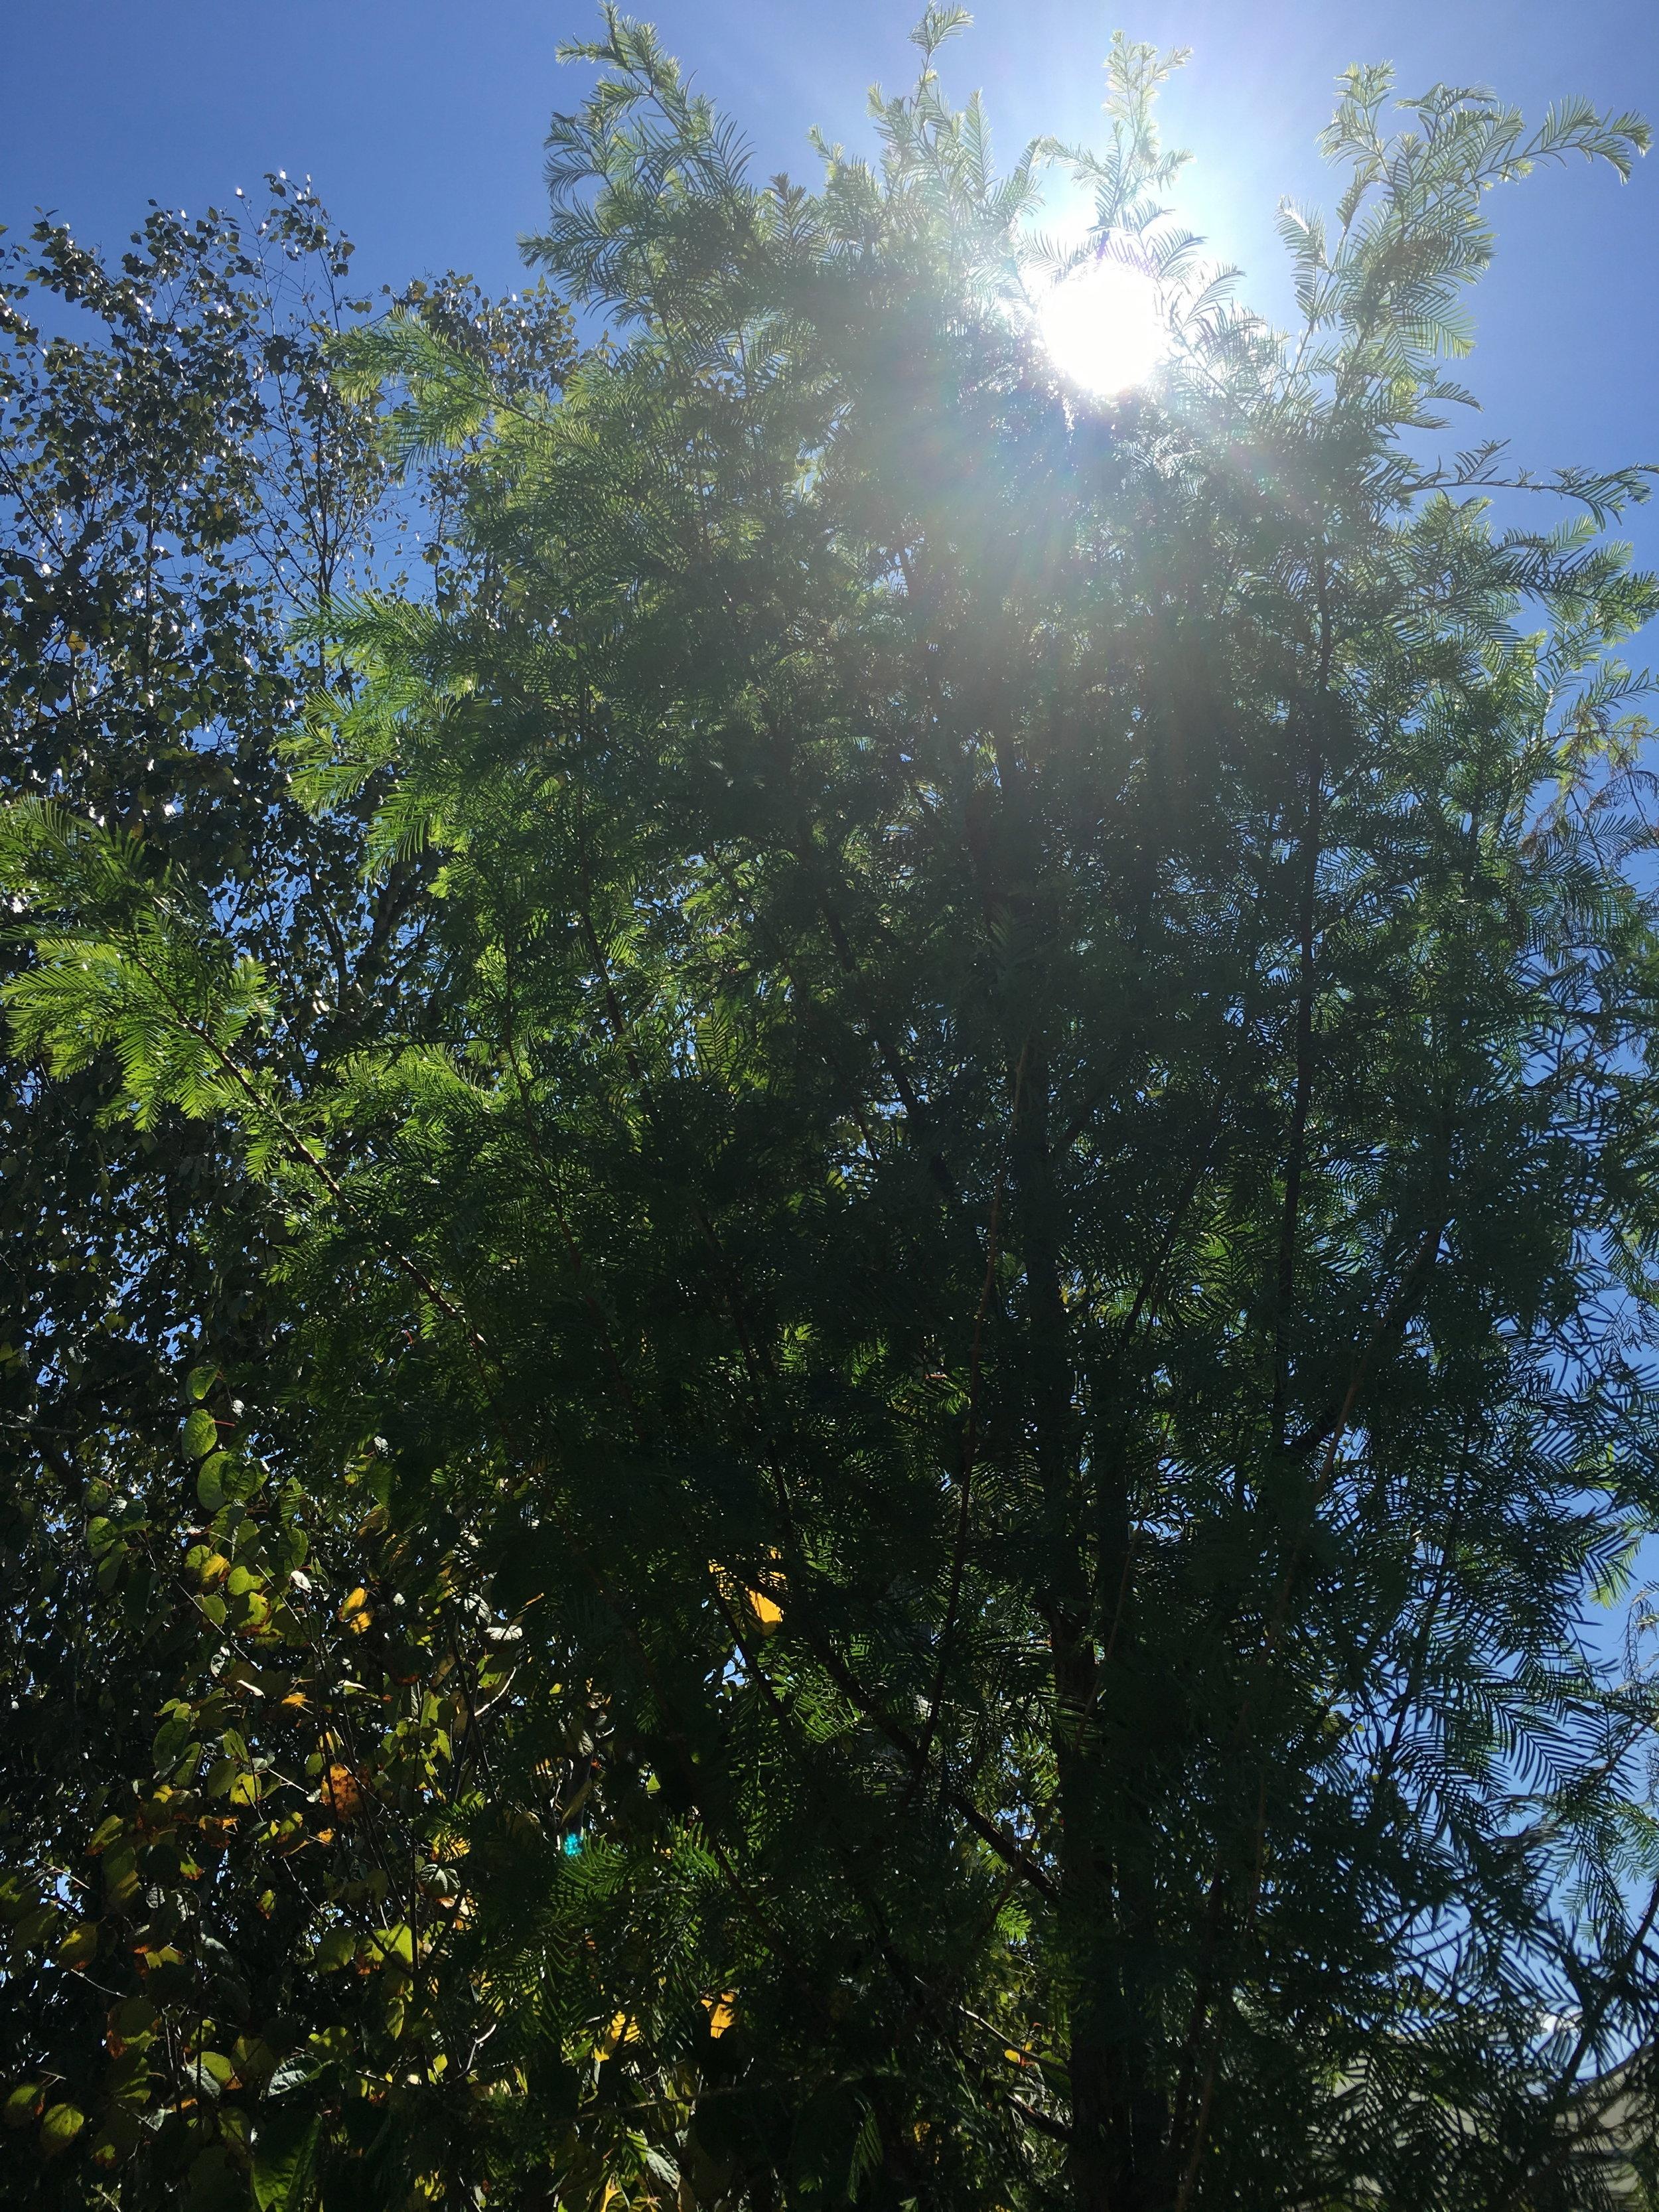 dawn redwood tree.jpg